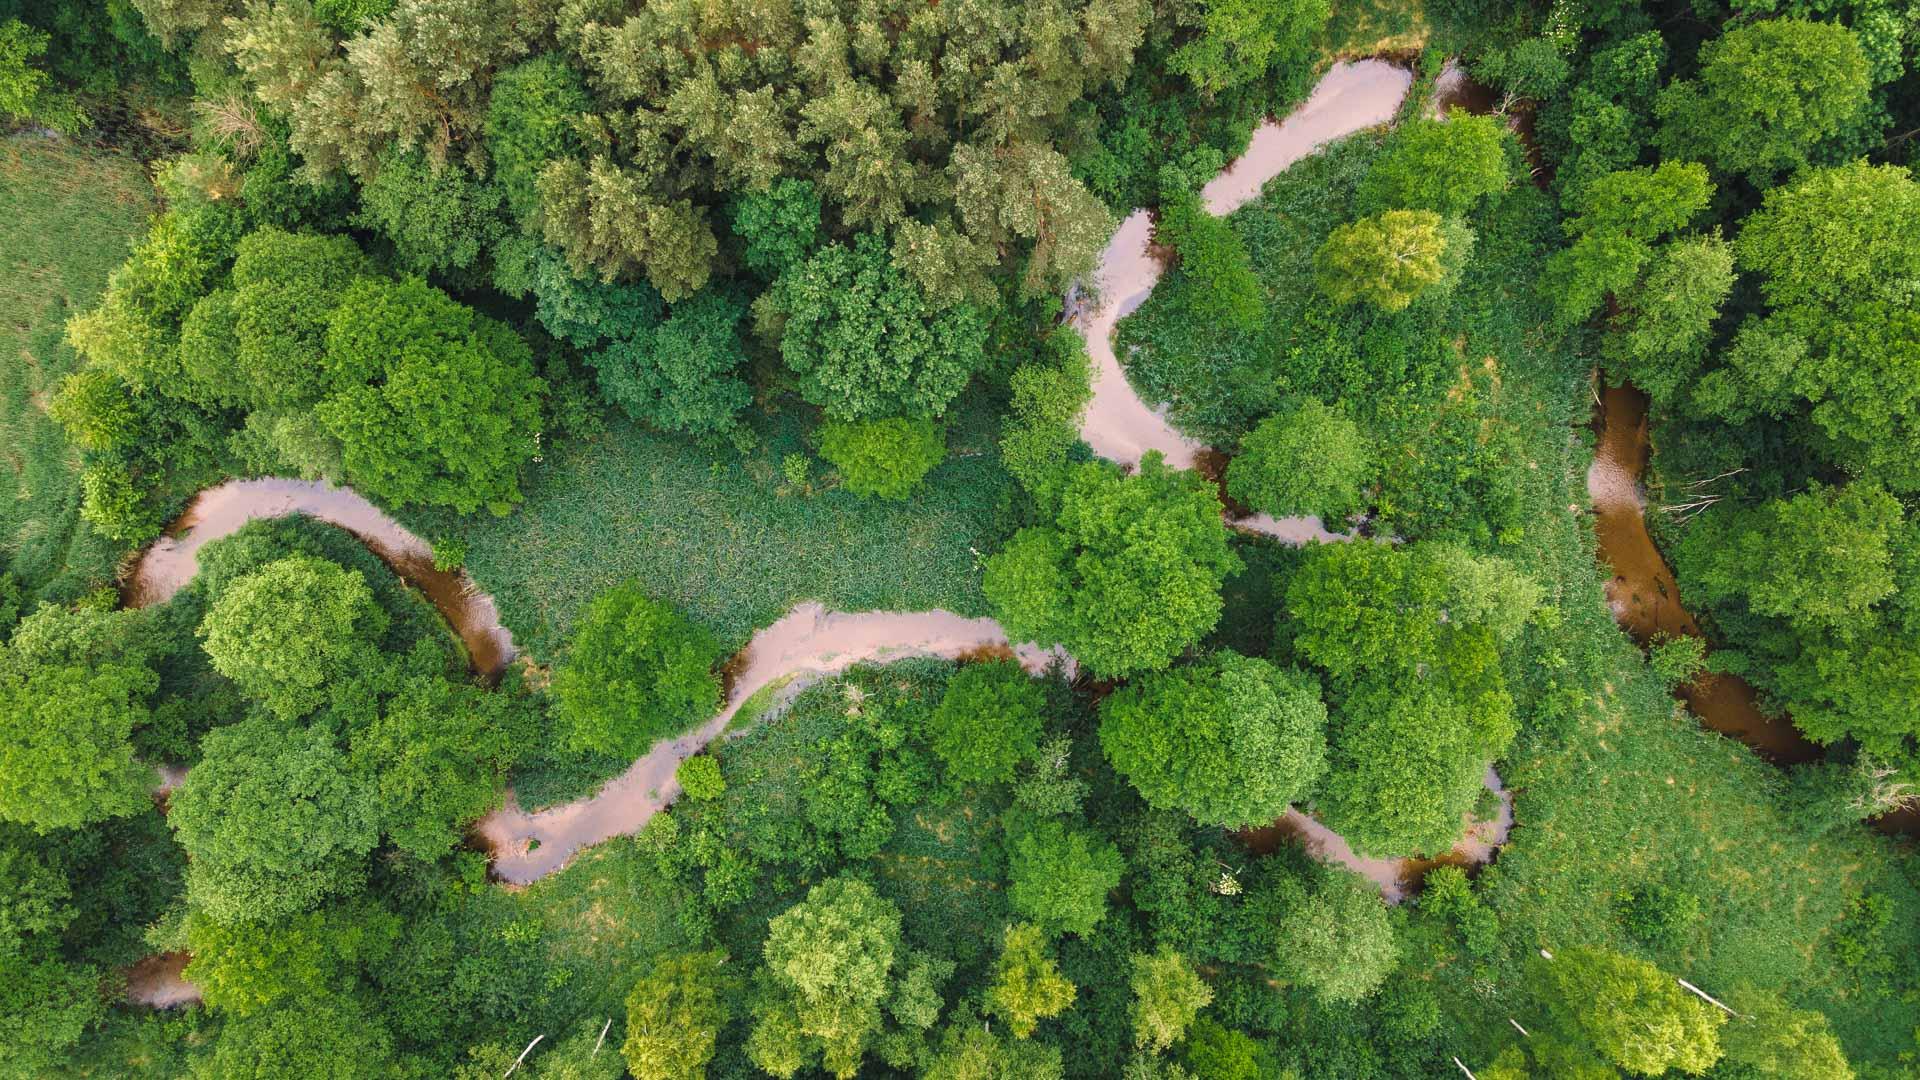 Rzeka Biała Przemsza ≋ jednodniowy spływ kajakowy, trasa, relacja ≋